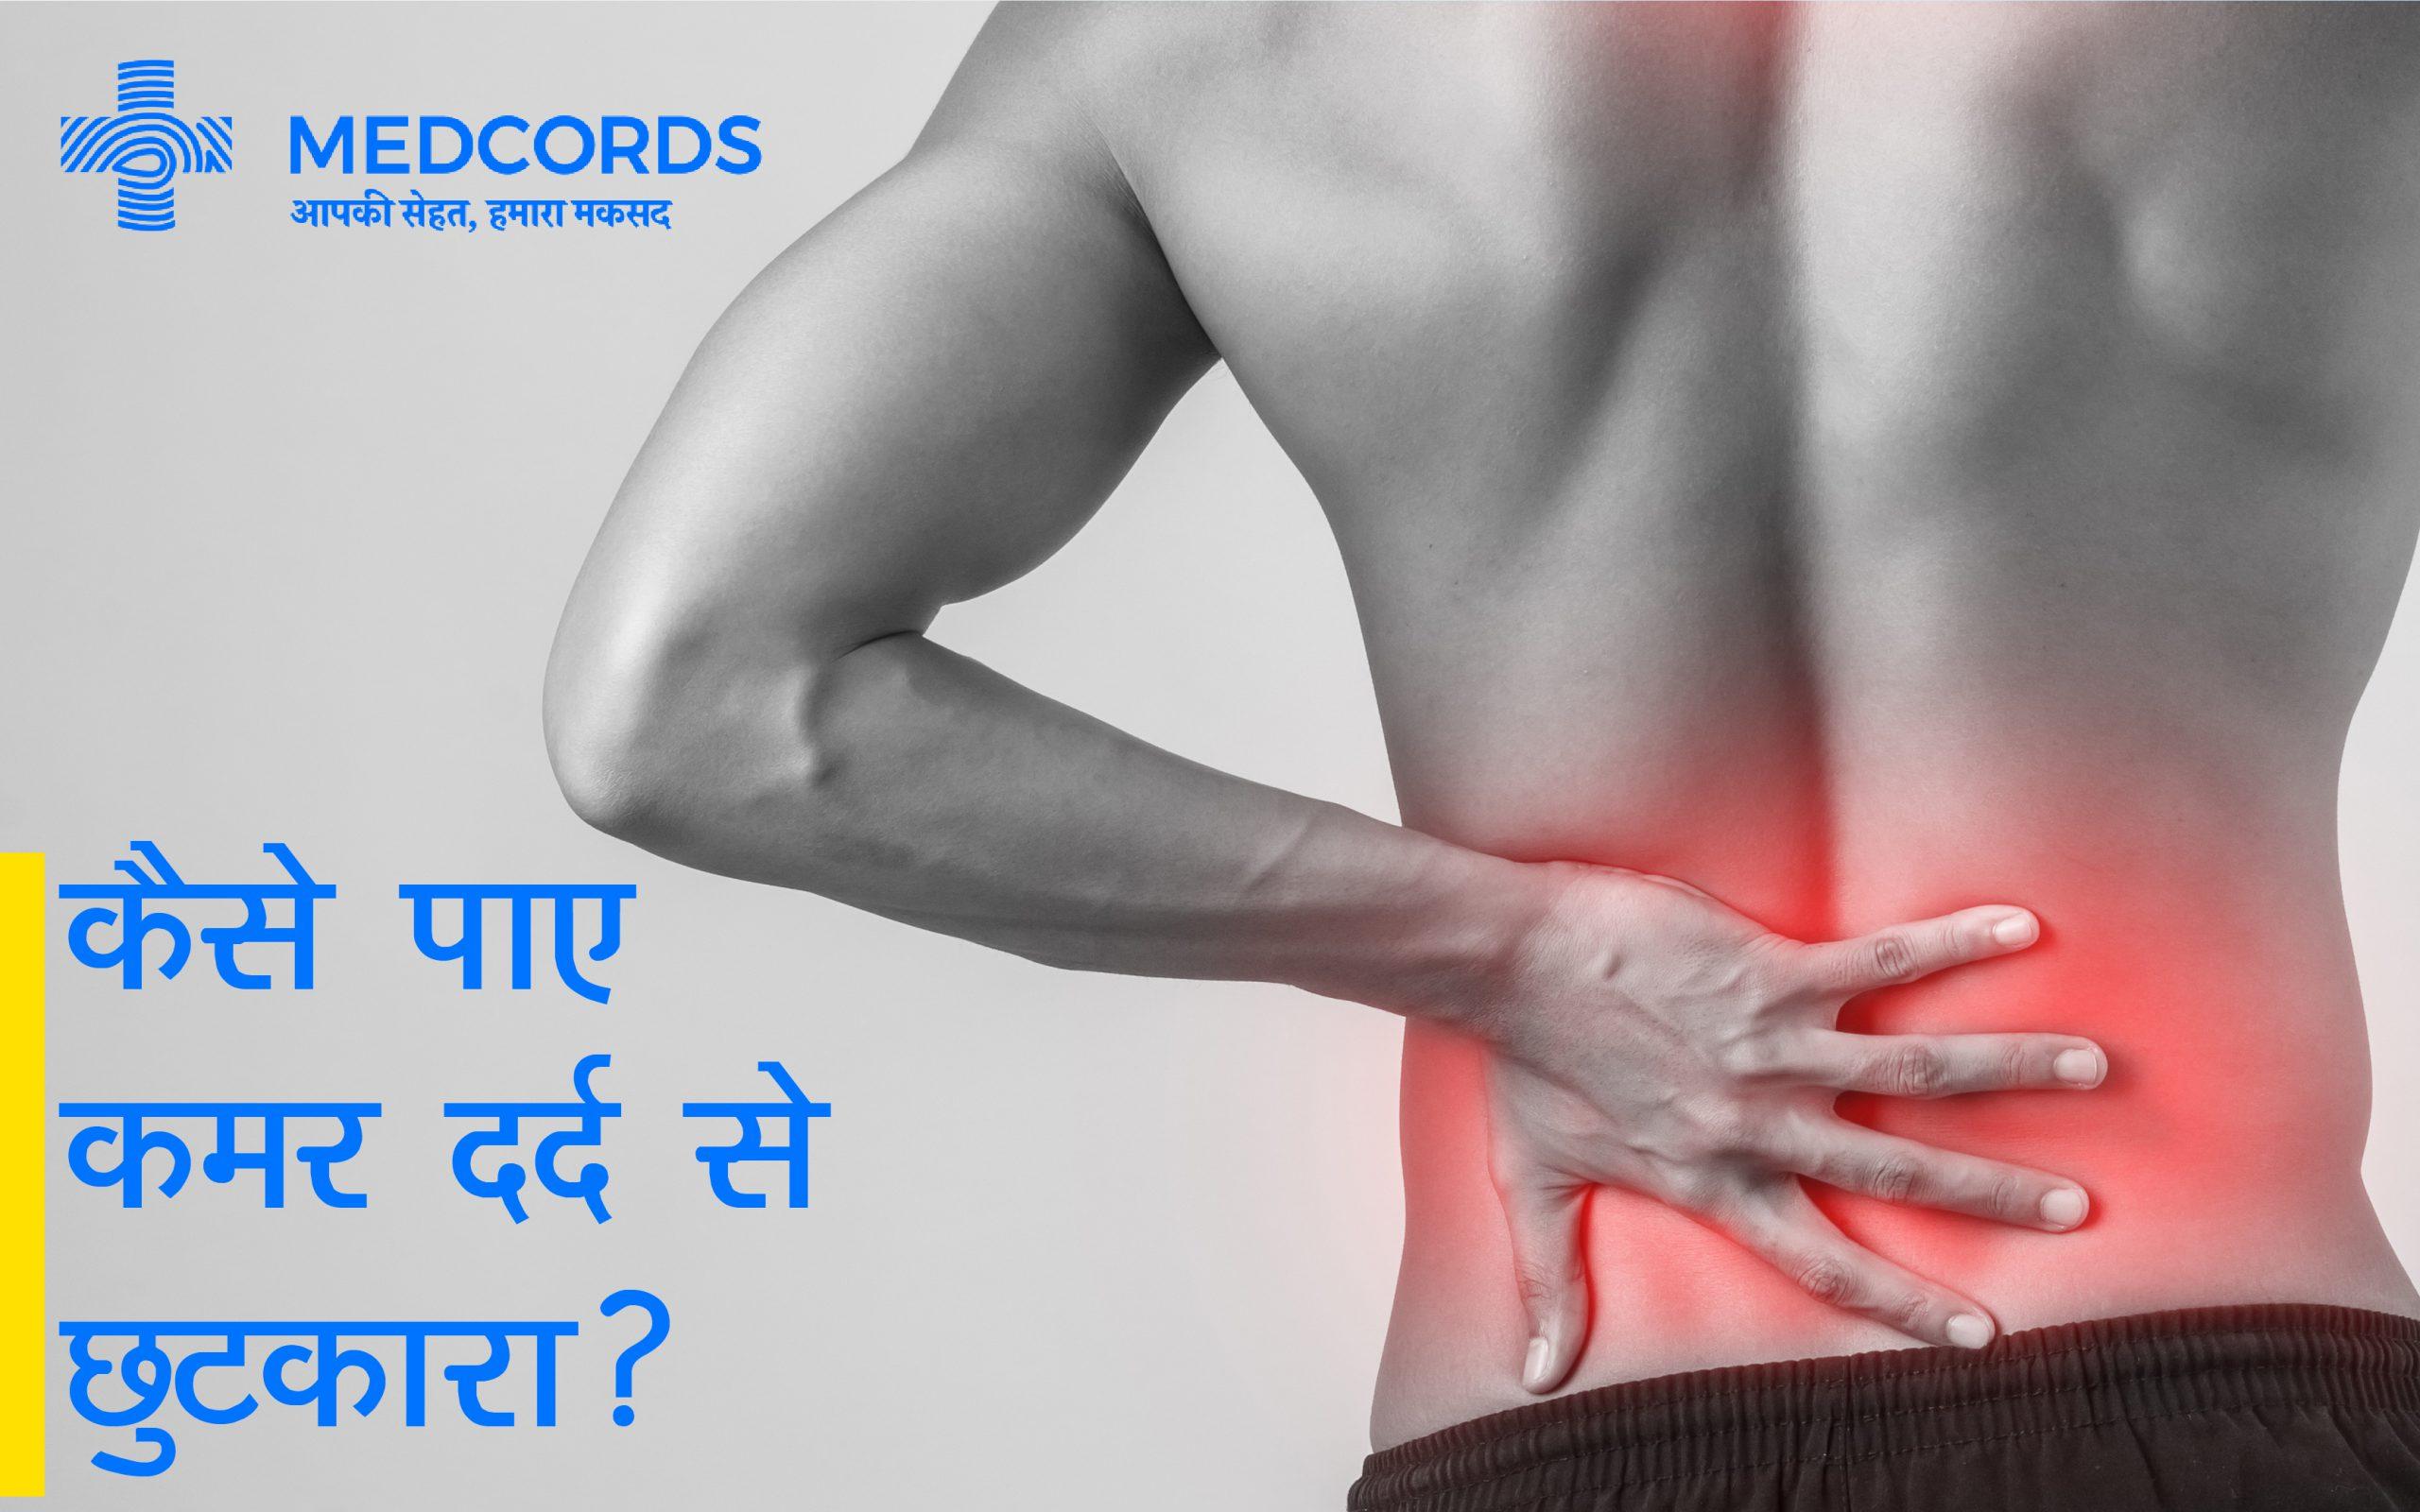 कमर दर्द ठीक करने के असरदार तरीके | Back Pain